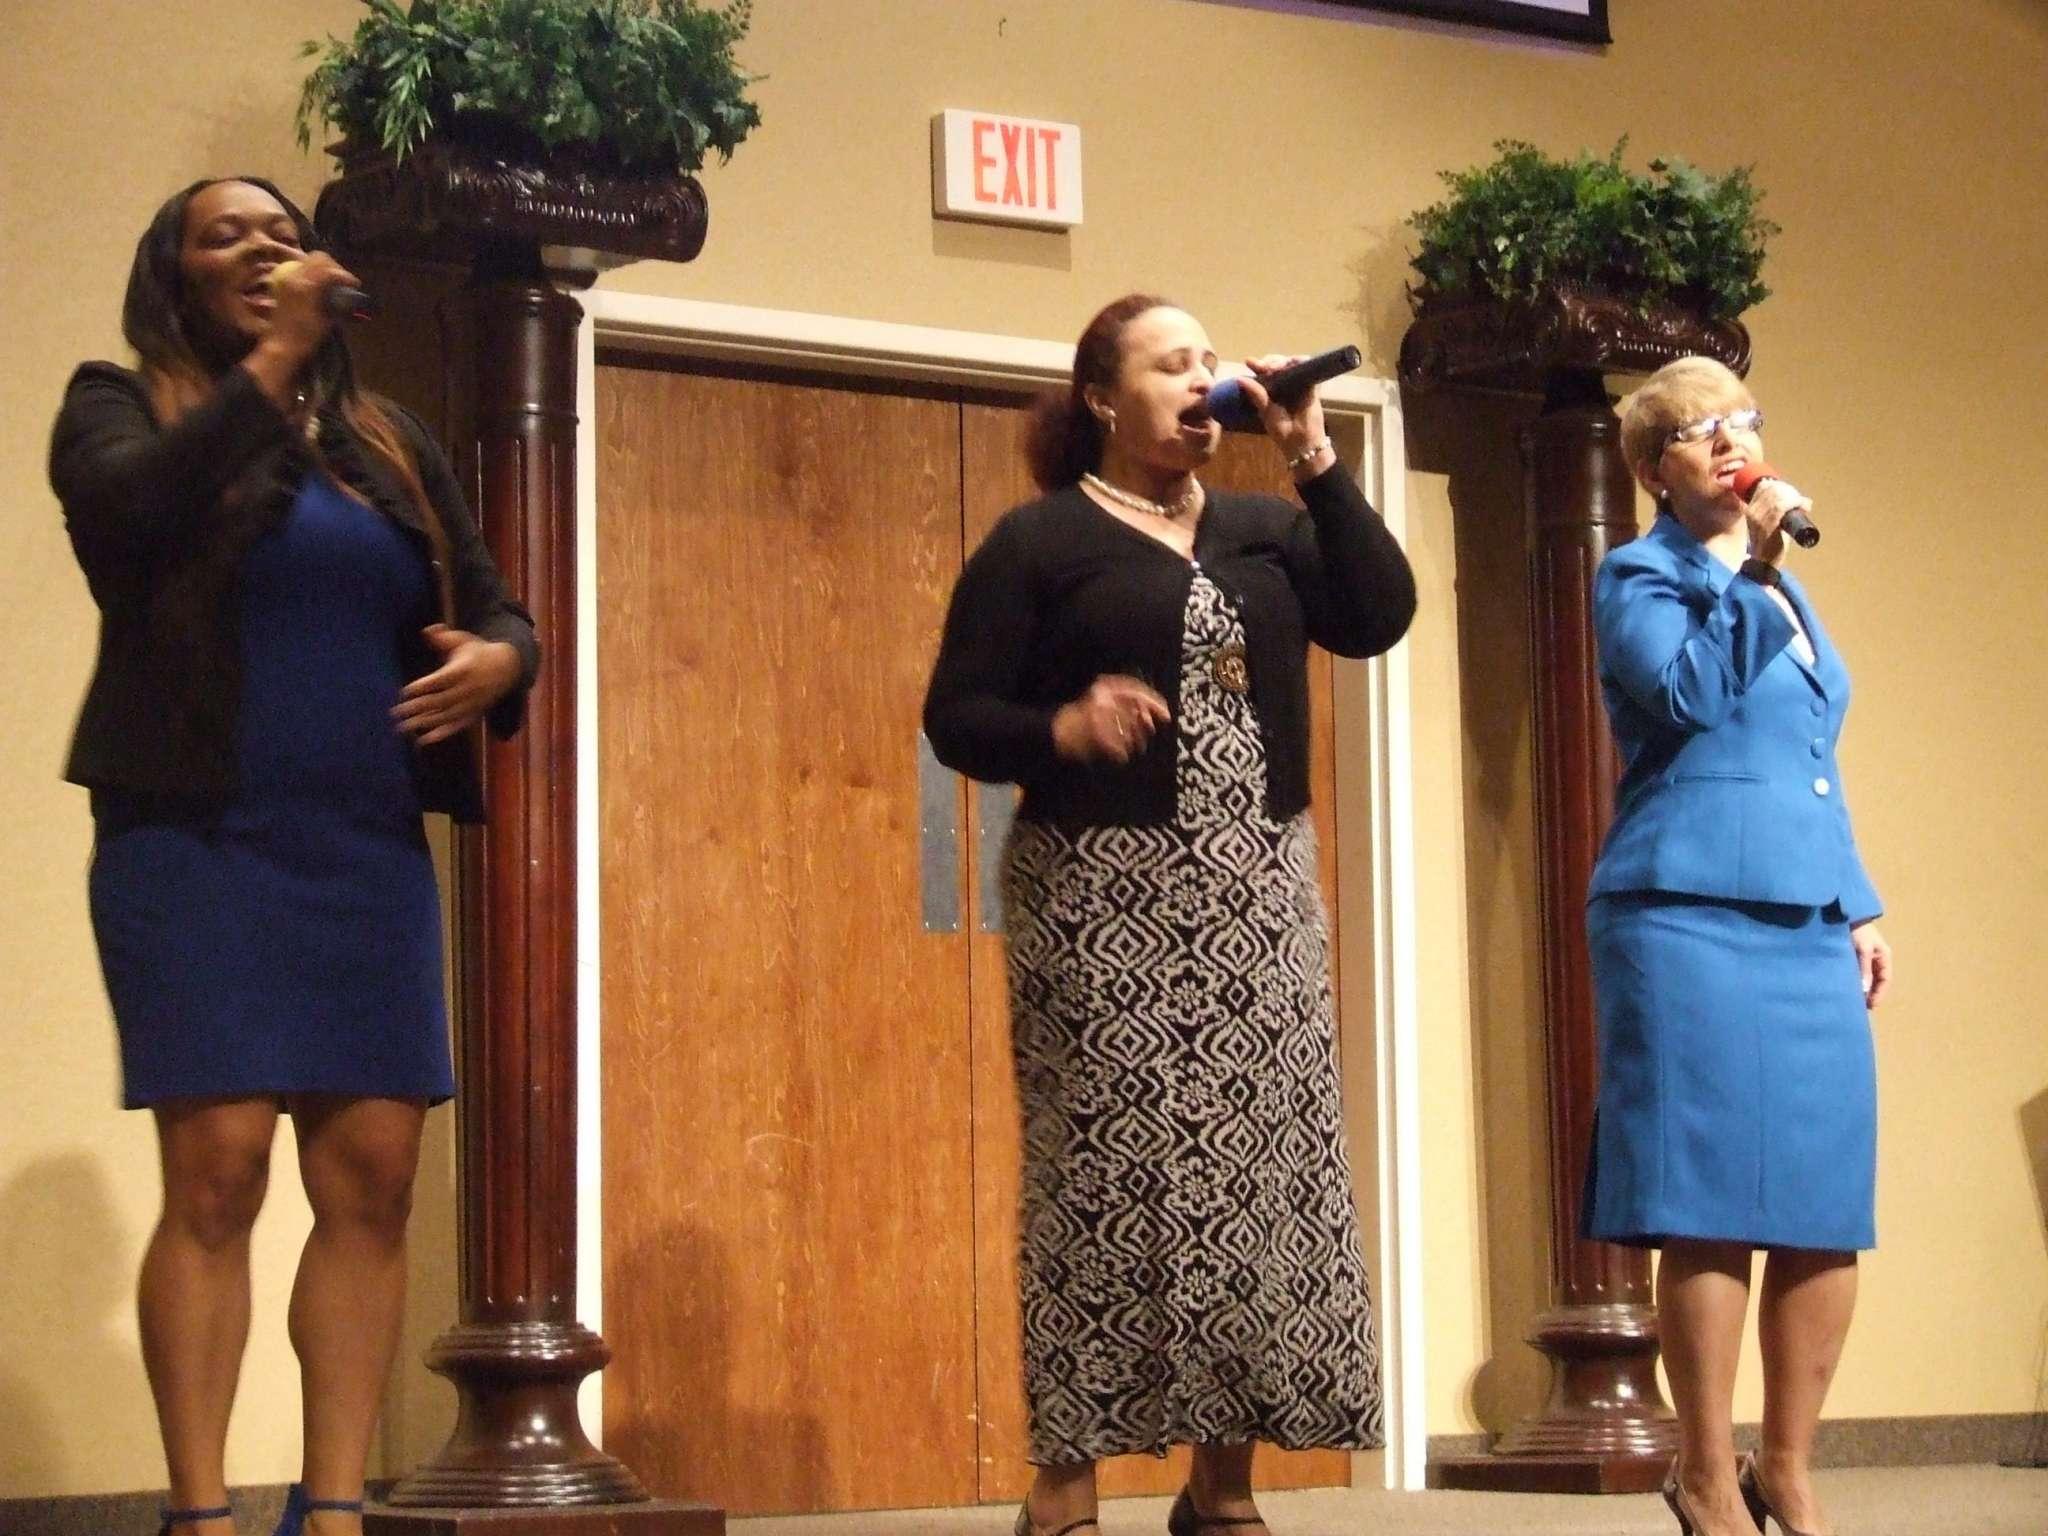 Praise and worship team singing